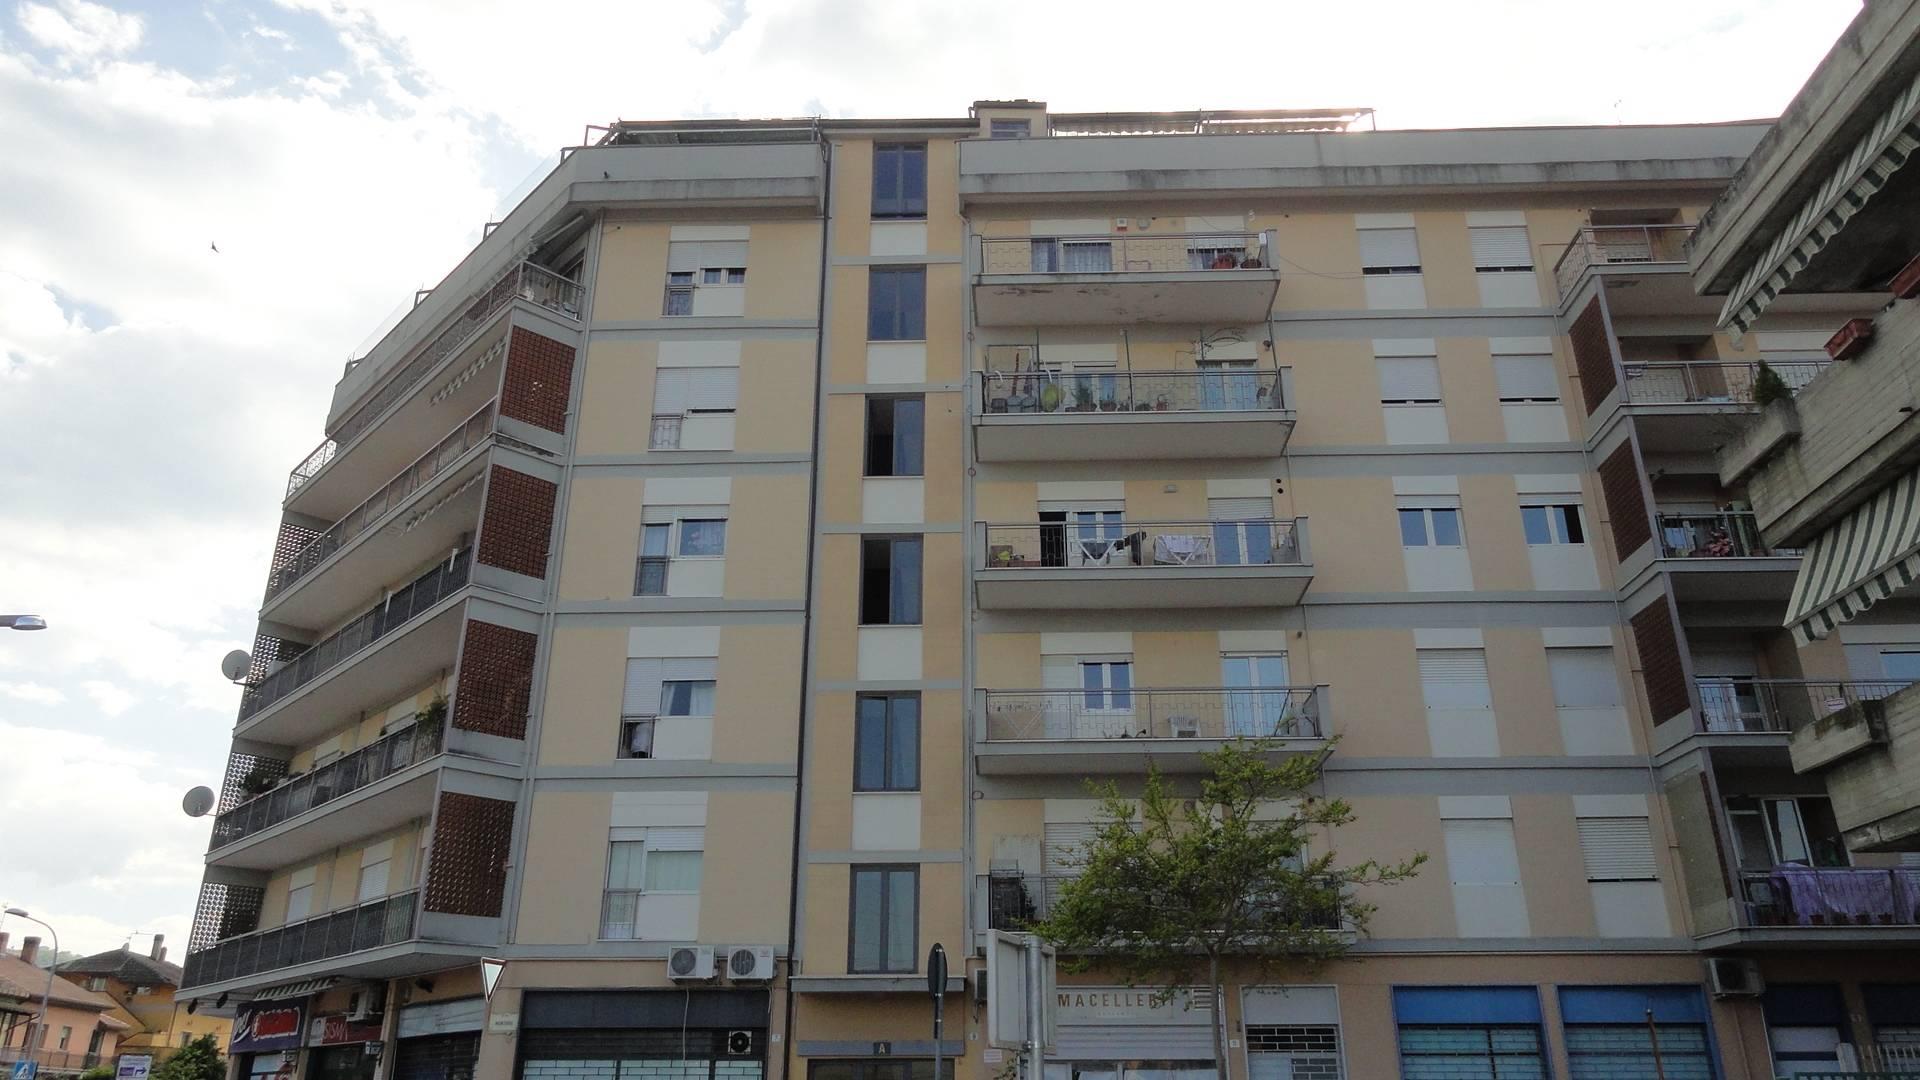 Attico / Mansarda in affitto a Teramo, 6 locali, zona Località: ViaCona, prezzo € 480 | Cambio Casa.it